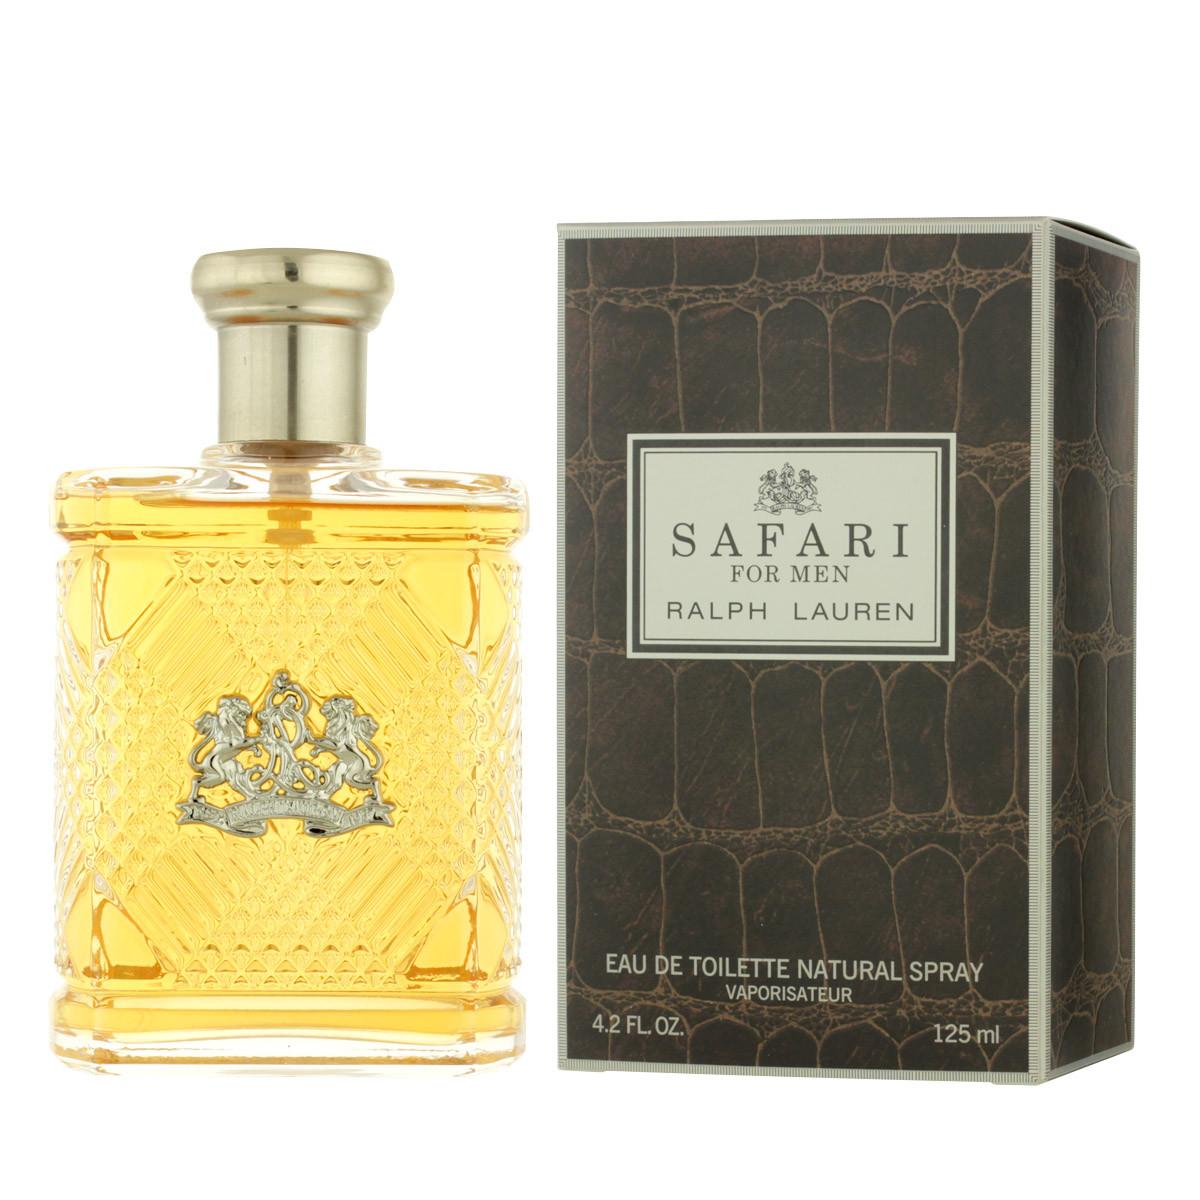 Ralph Lauren Safari For Men Eau De Toilette 125 Ml Man Polo Black Edt